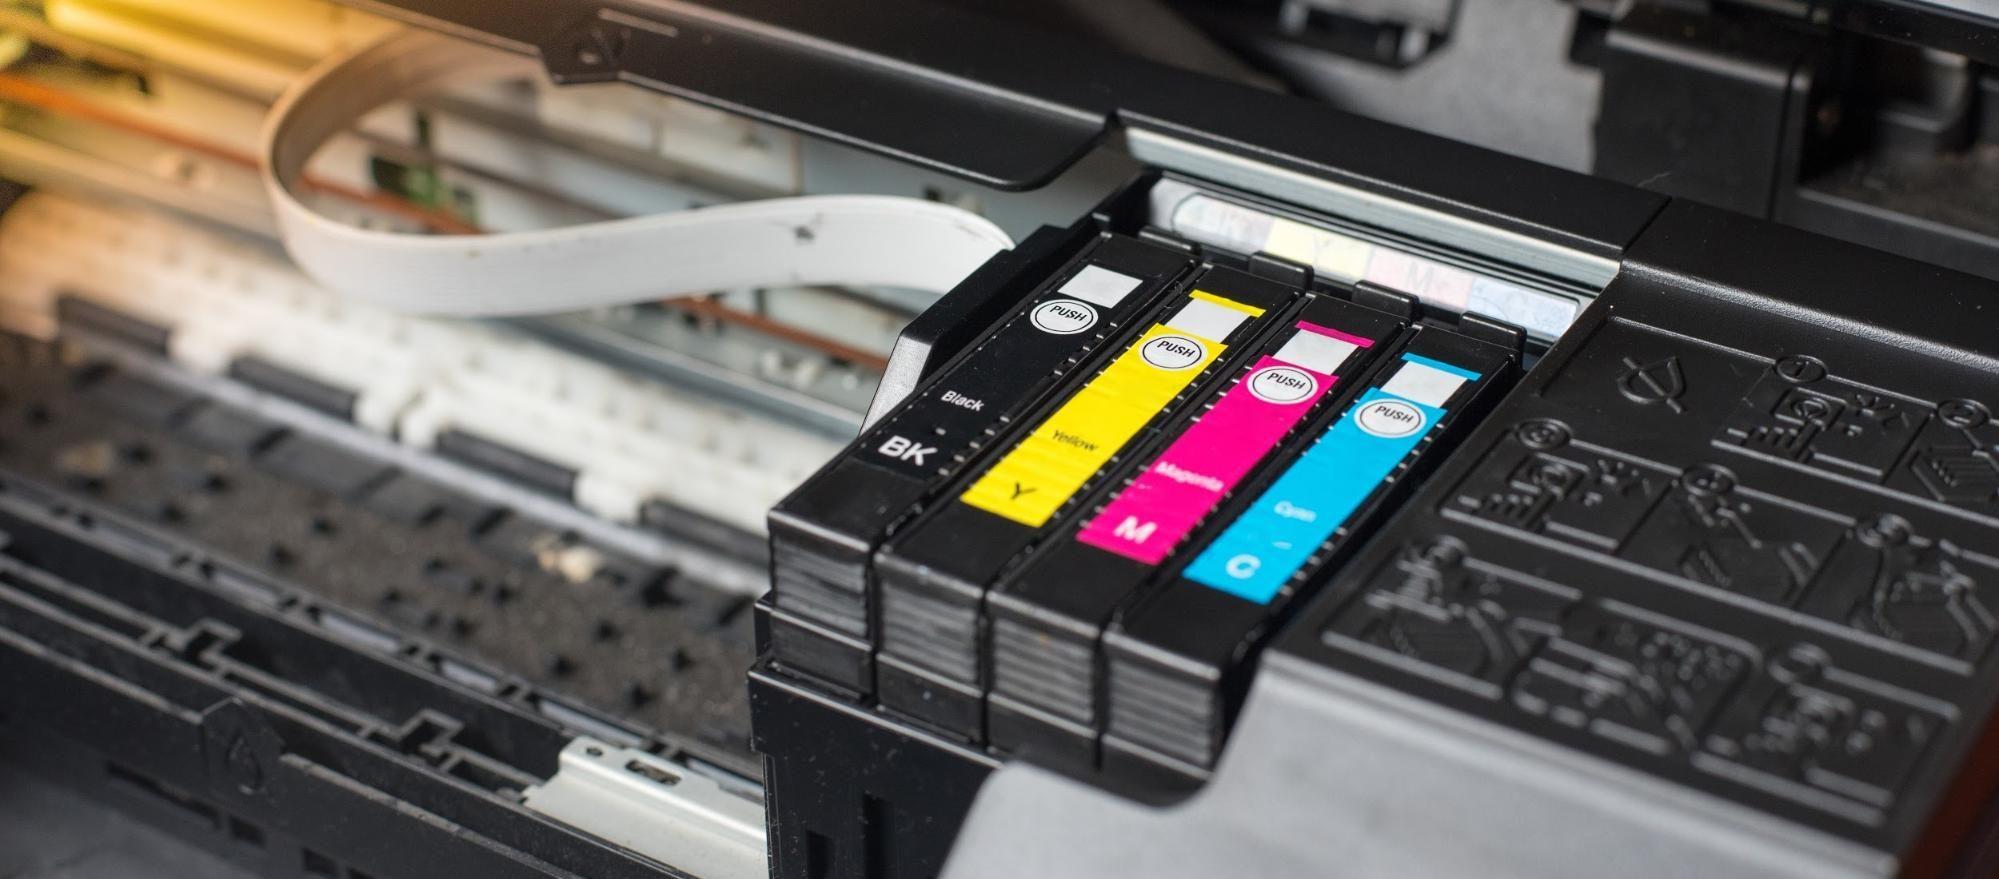 Close-up of a design printer